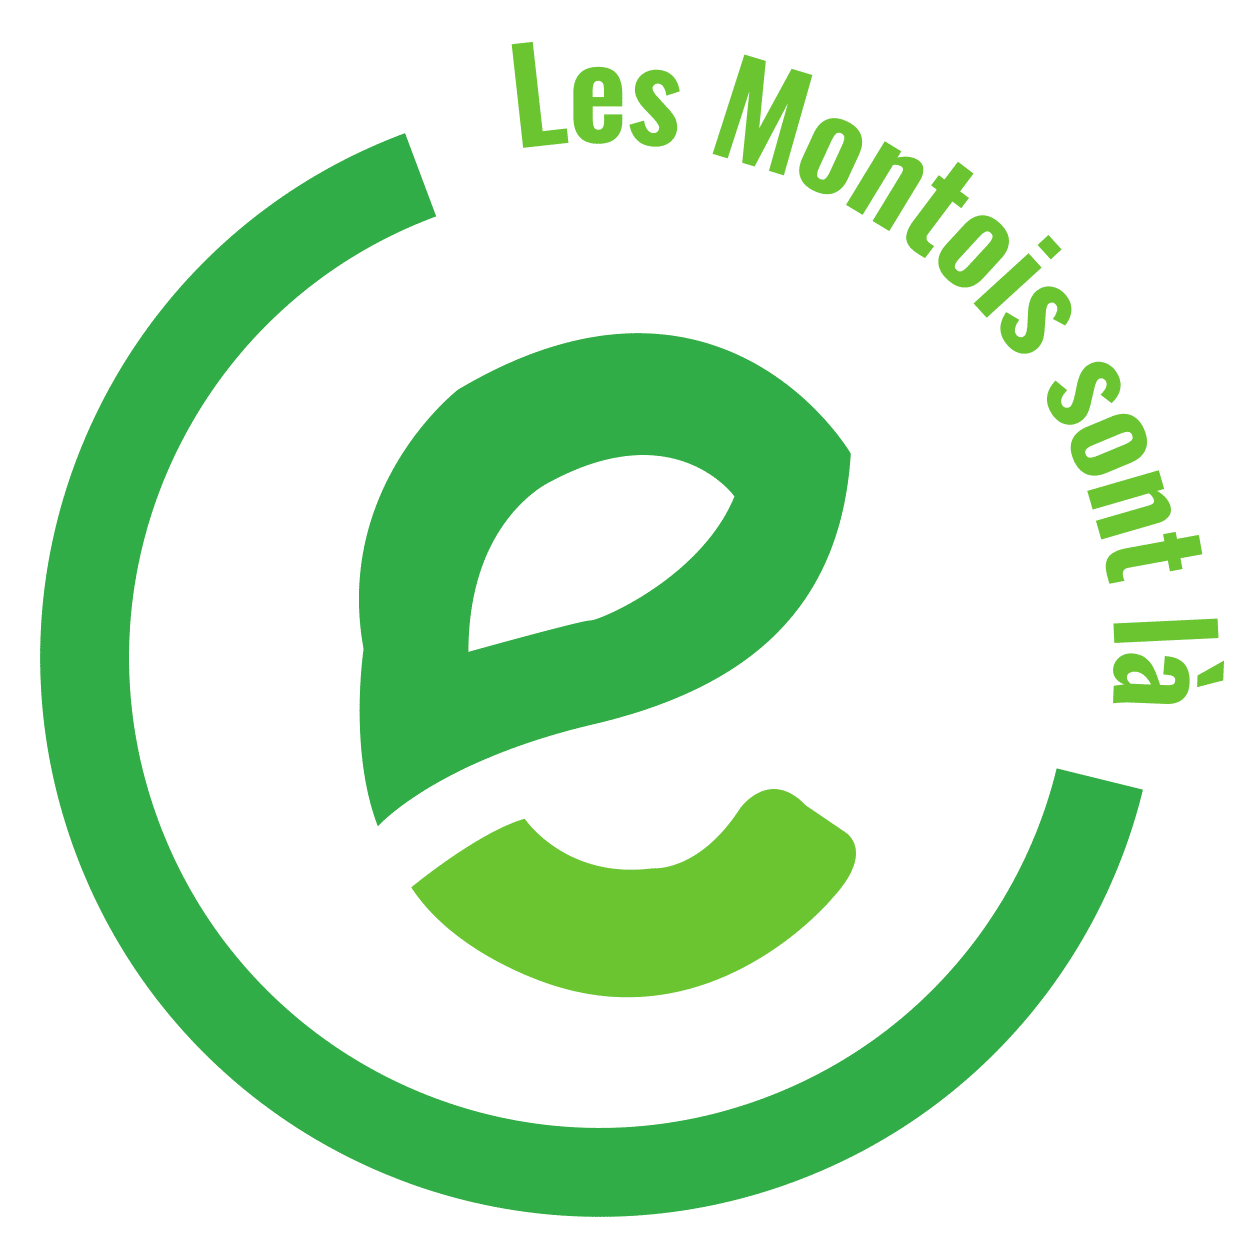 Ecolo Mons